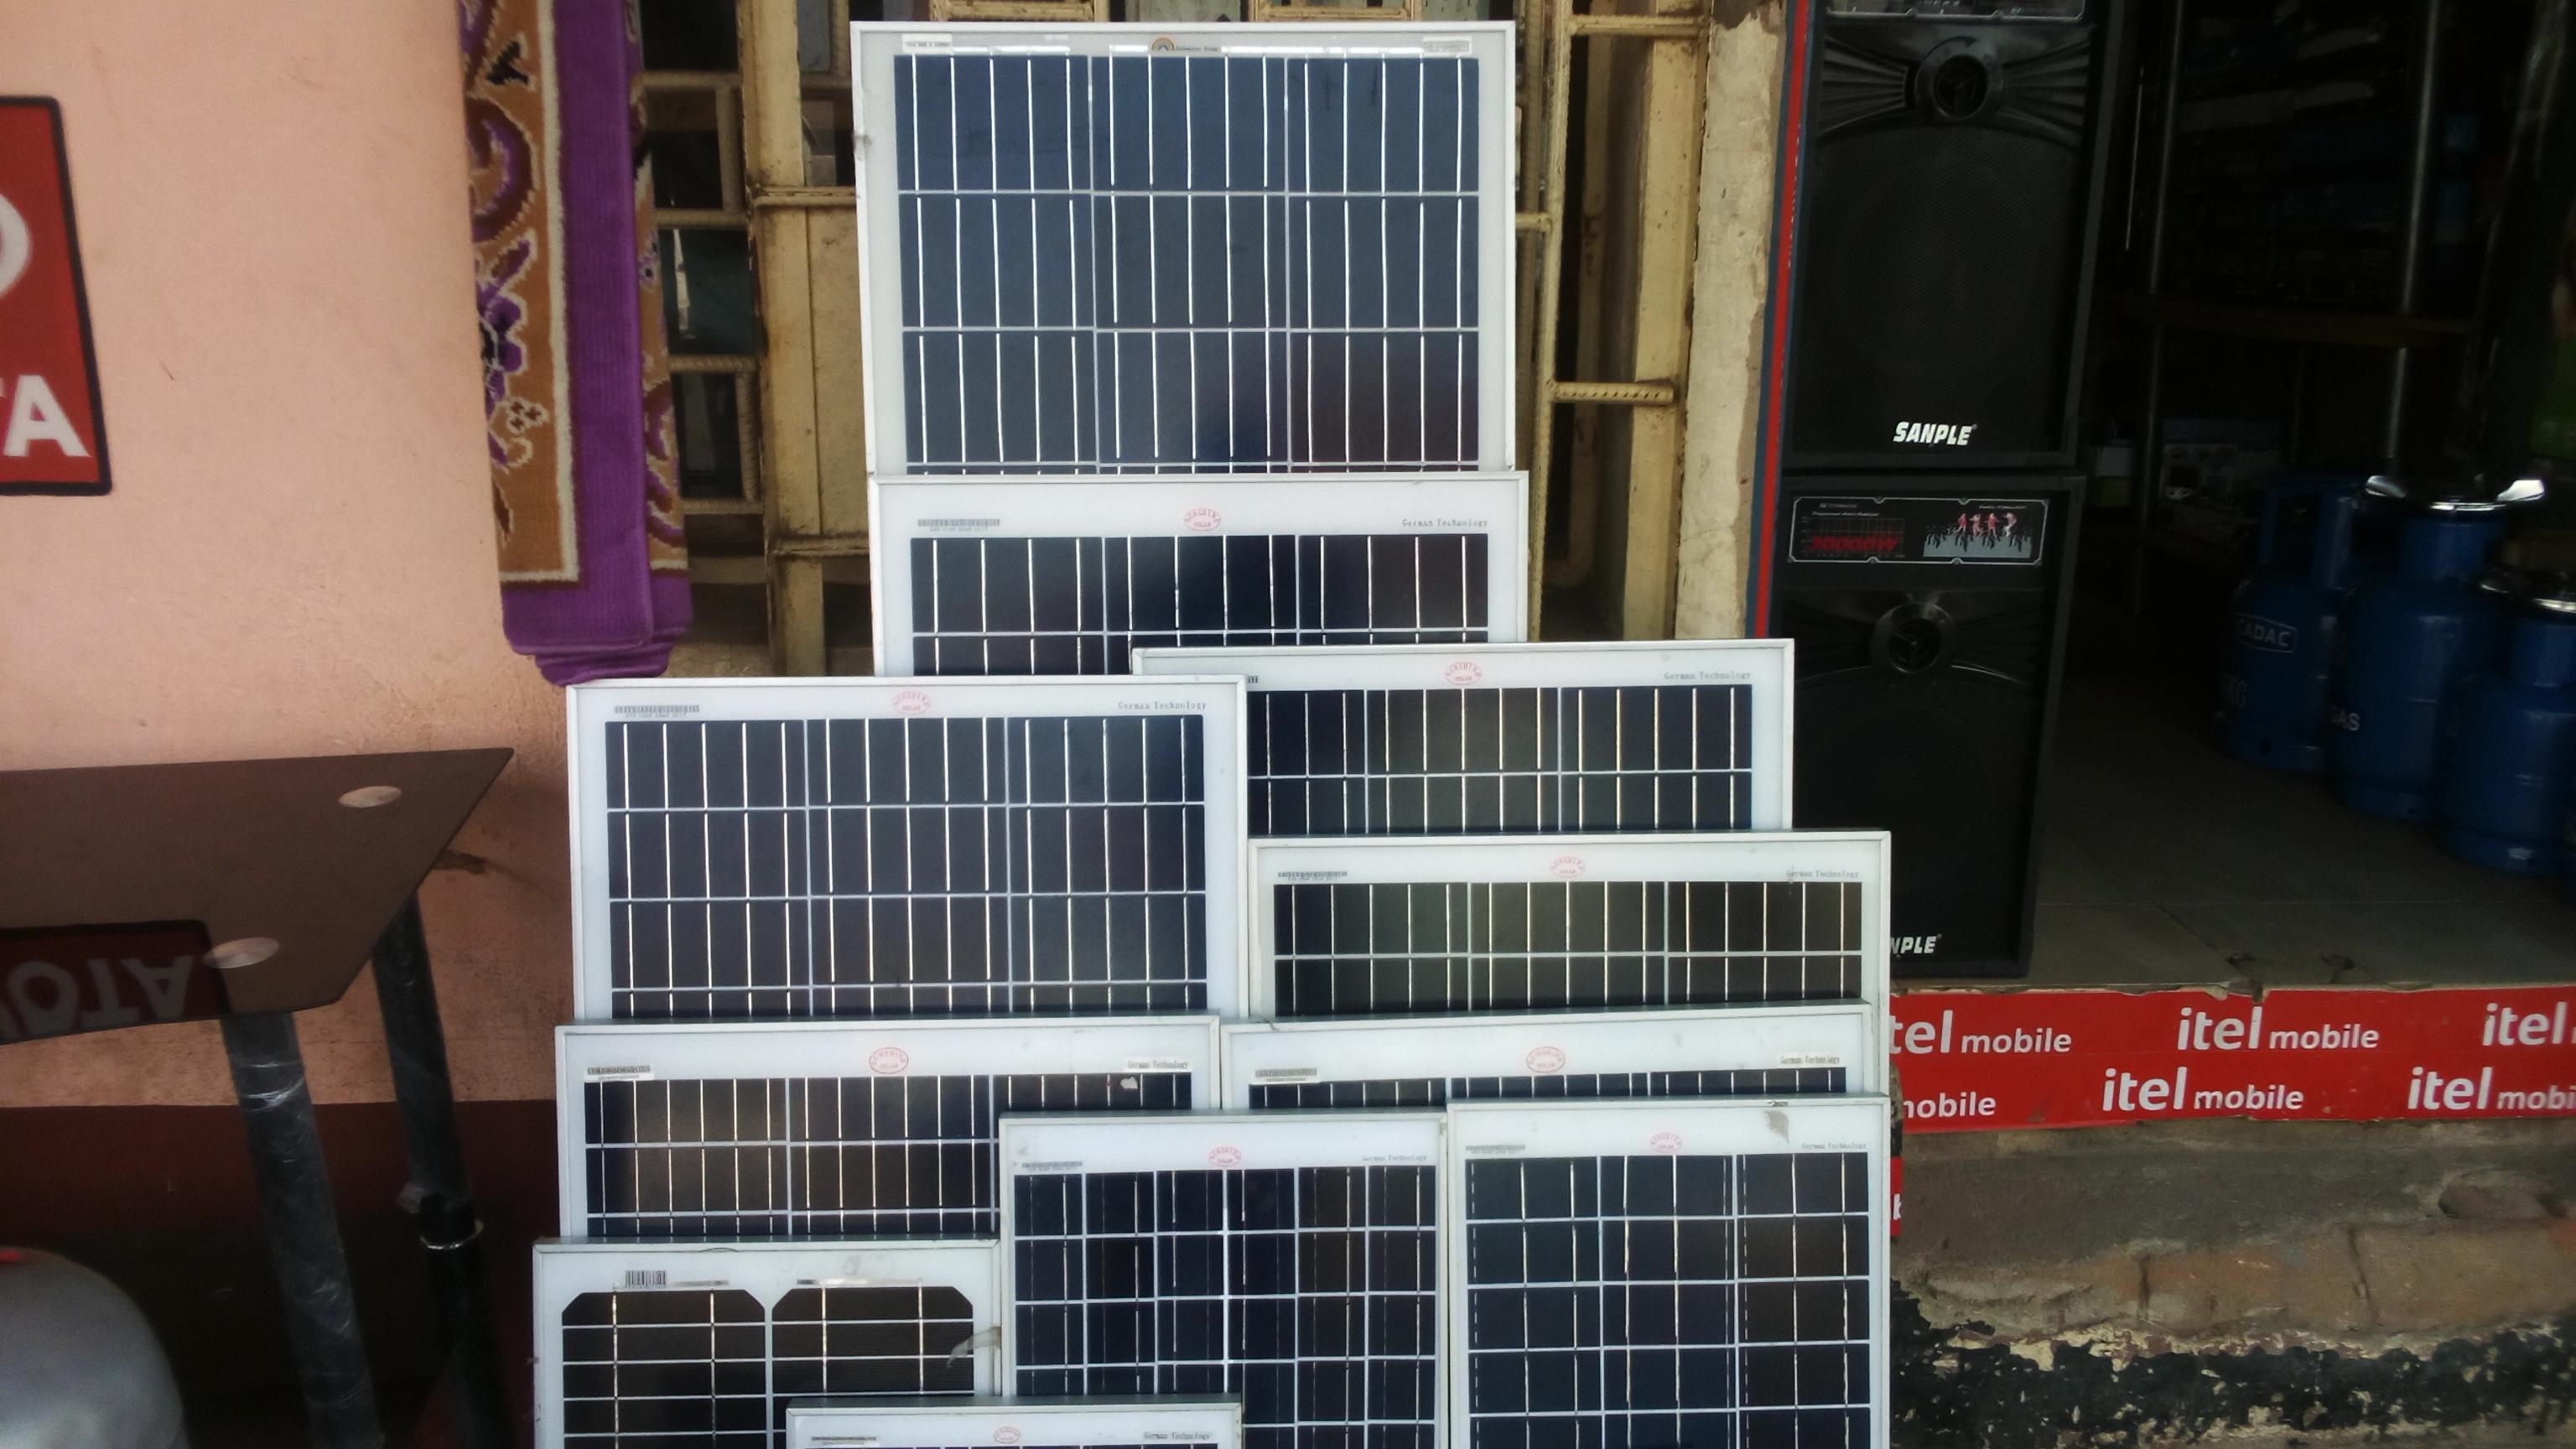 China Floods Zimbabwe Market With Substandard Solar Panels; Experts Worry